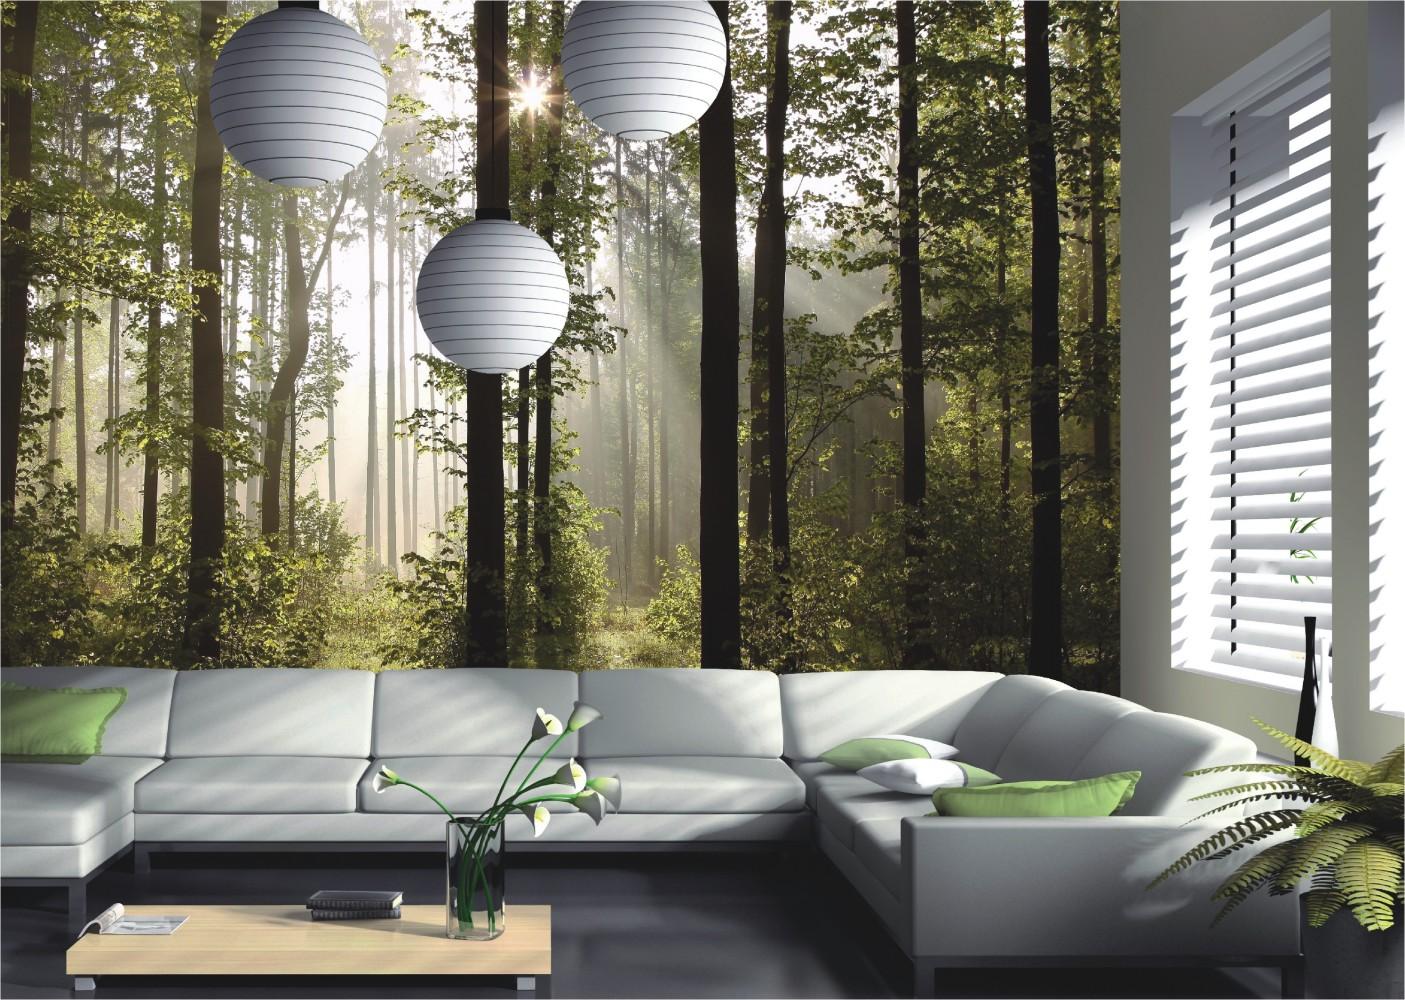 Fototapete-Tapete-Natur-Wald-Baeume-Lichtspiel-Foto-360-cm-x-254-cm